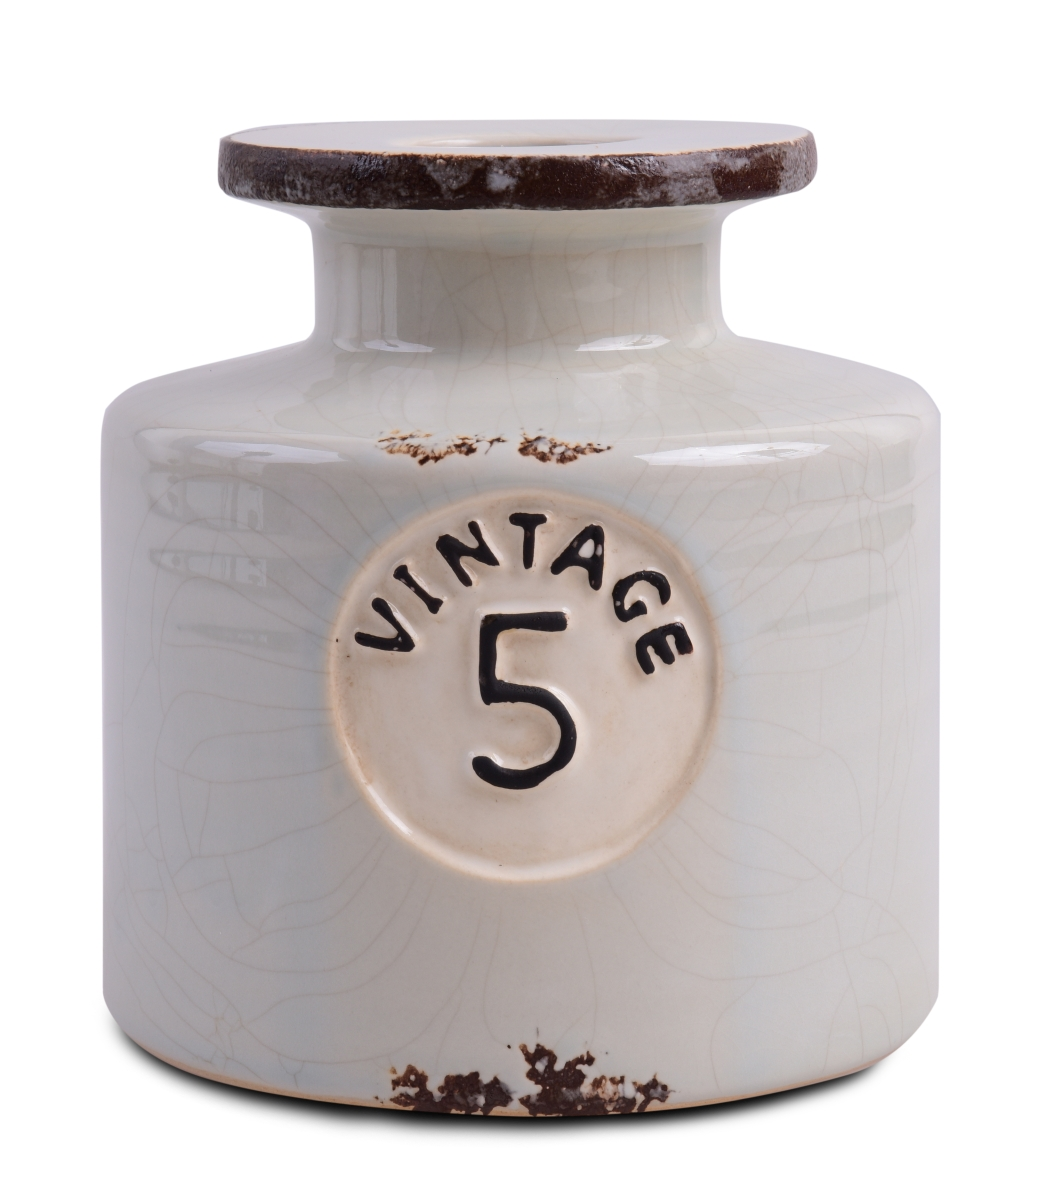 VINTAGE dóza/váza dekorativní, keramická  mintově šedá